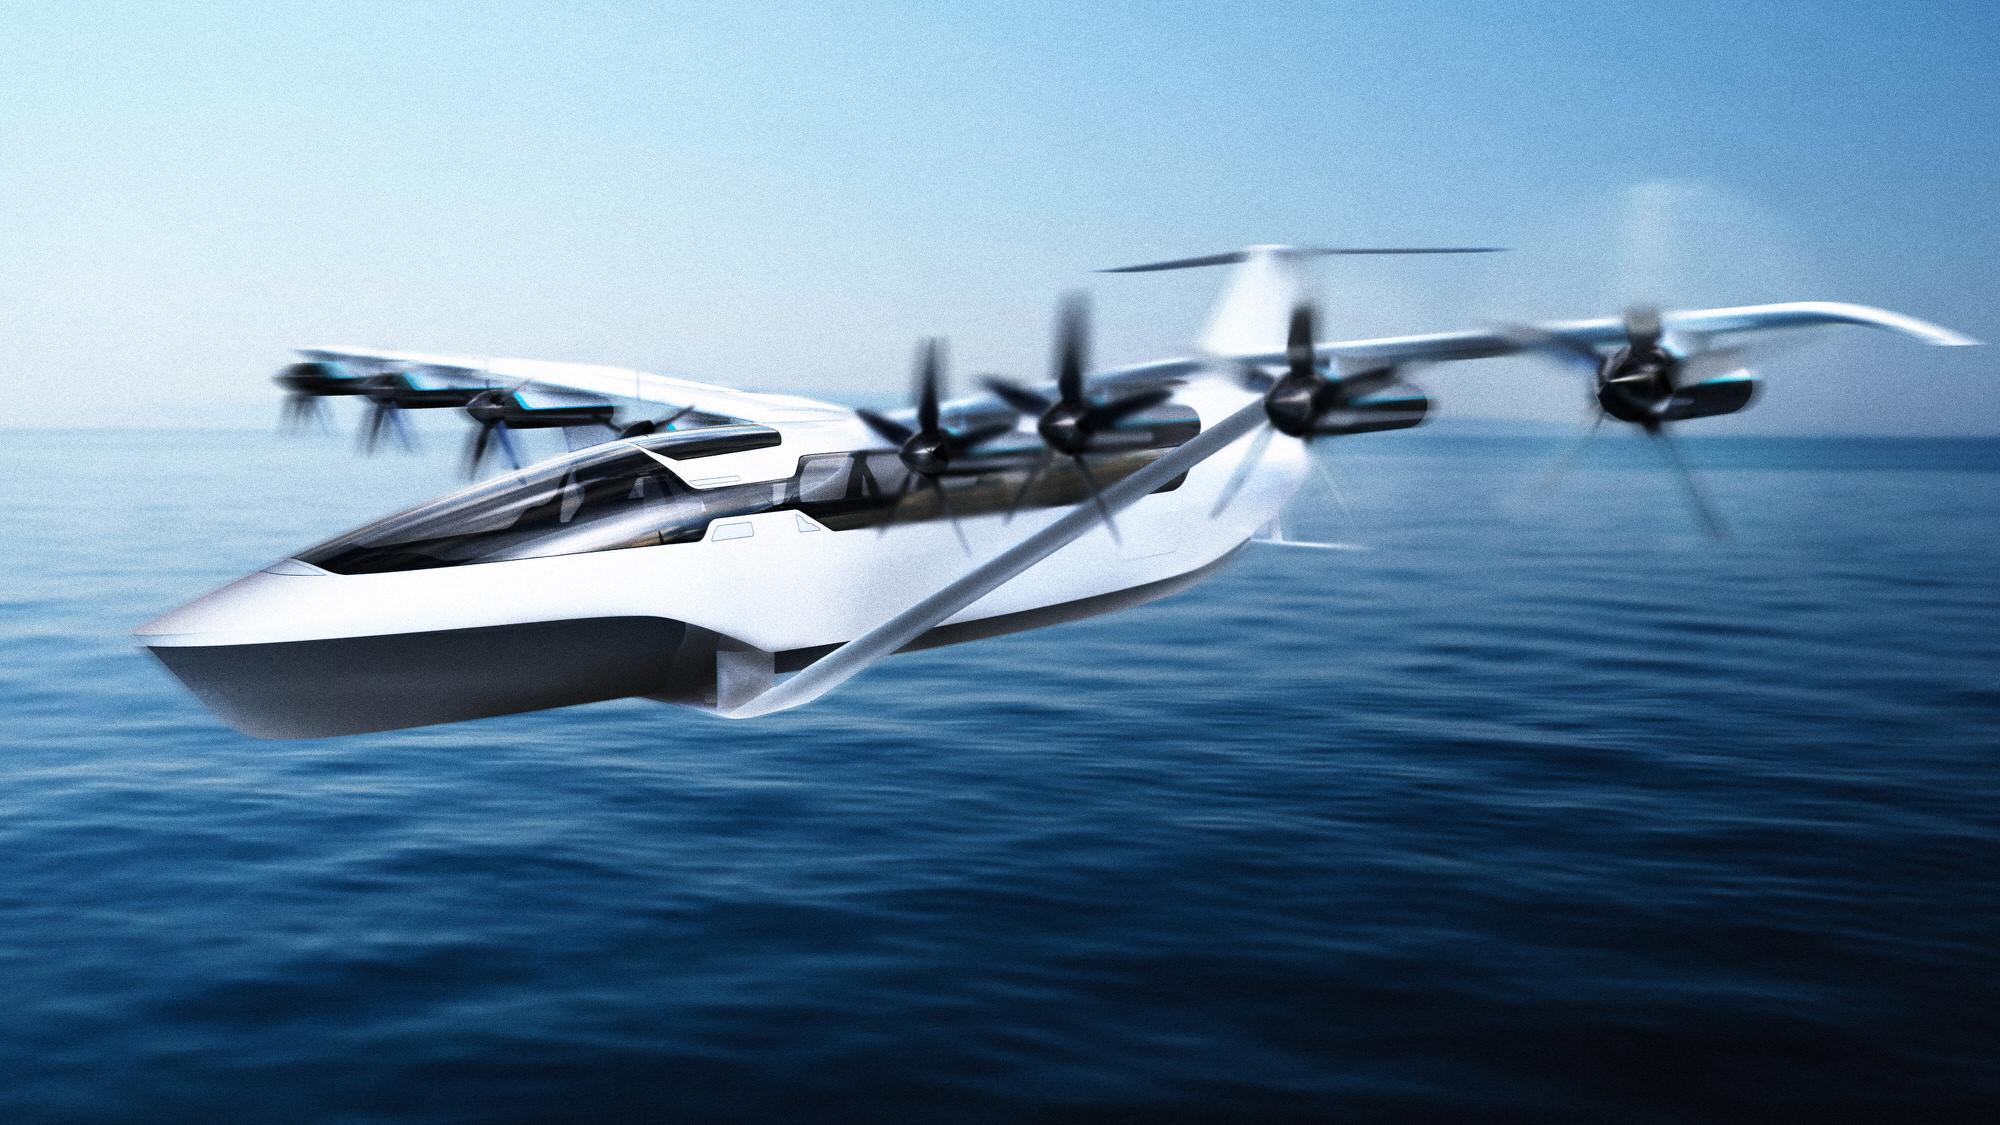 Regent Seaglider fliying over water